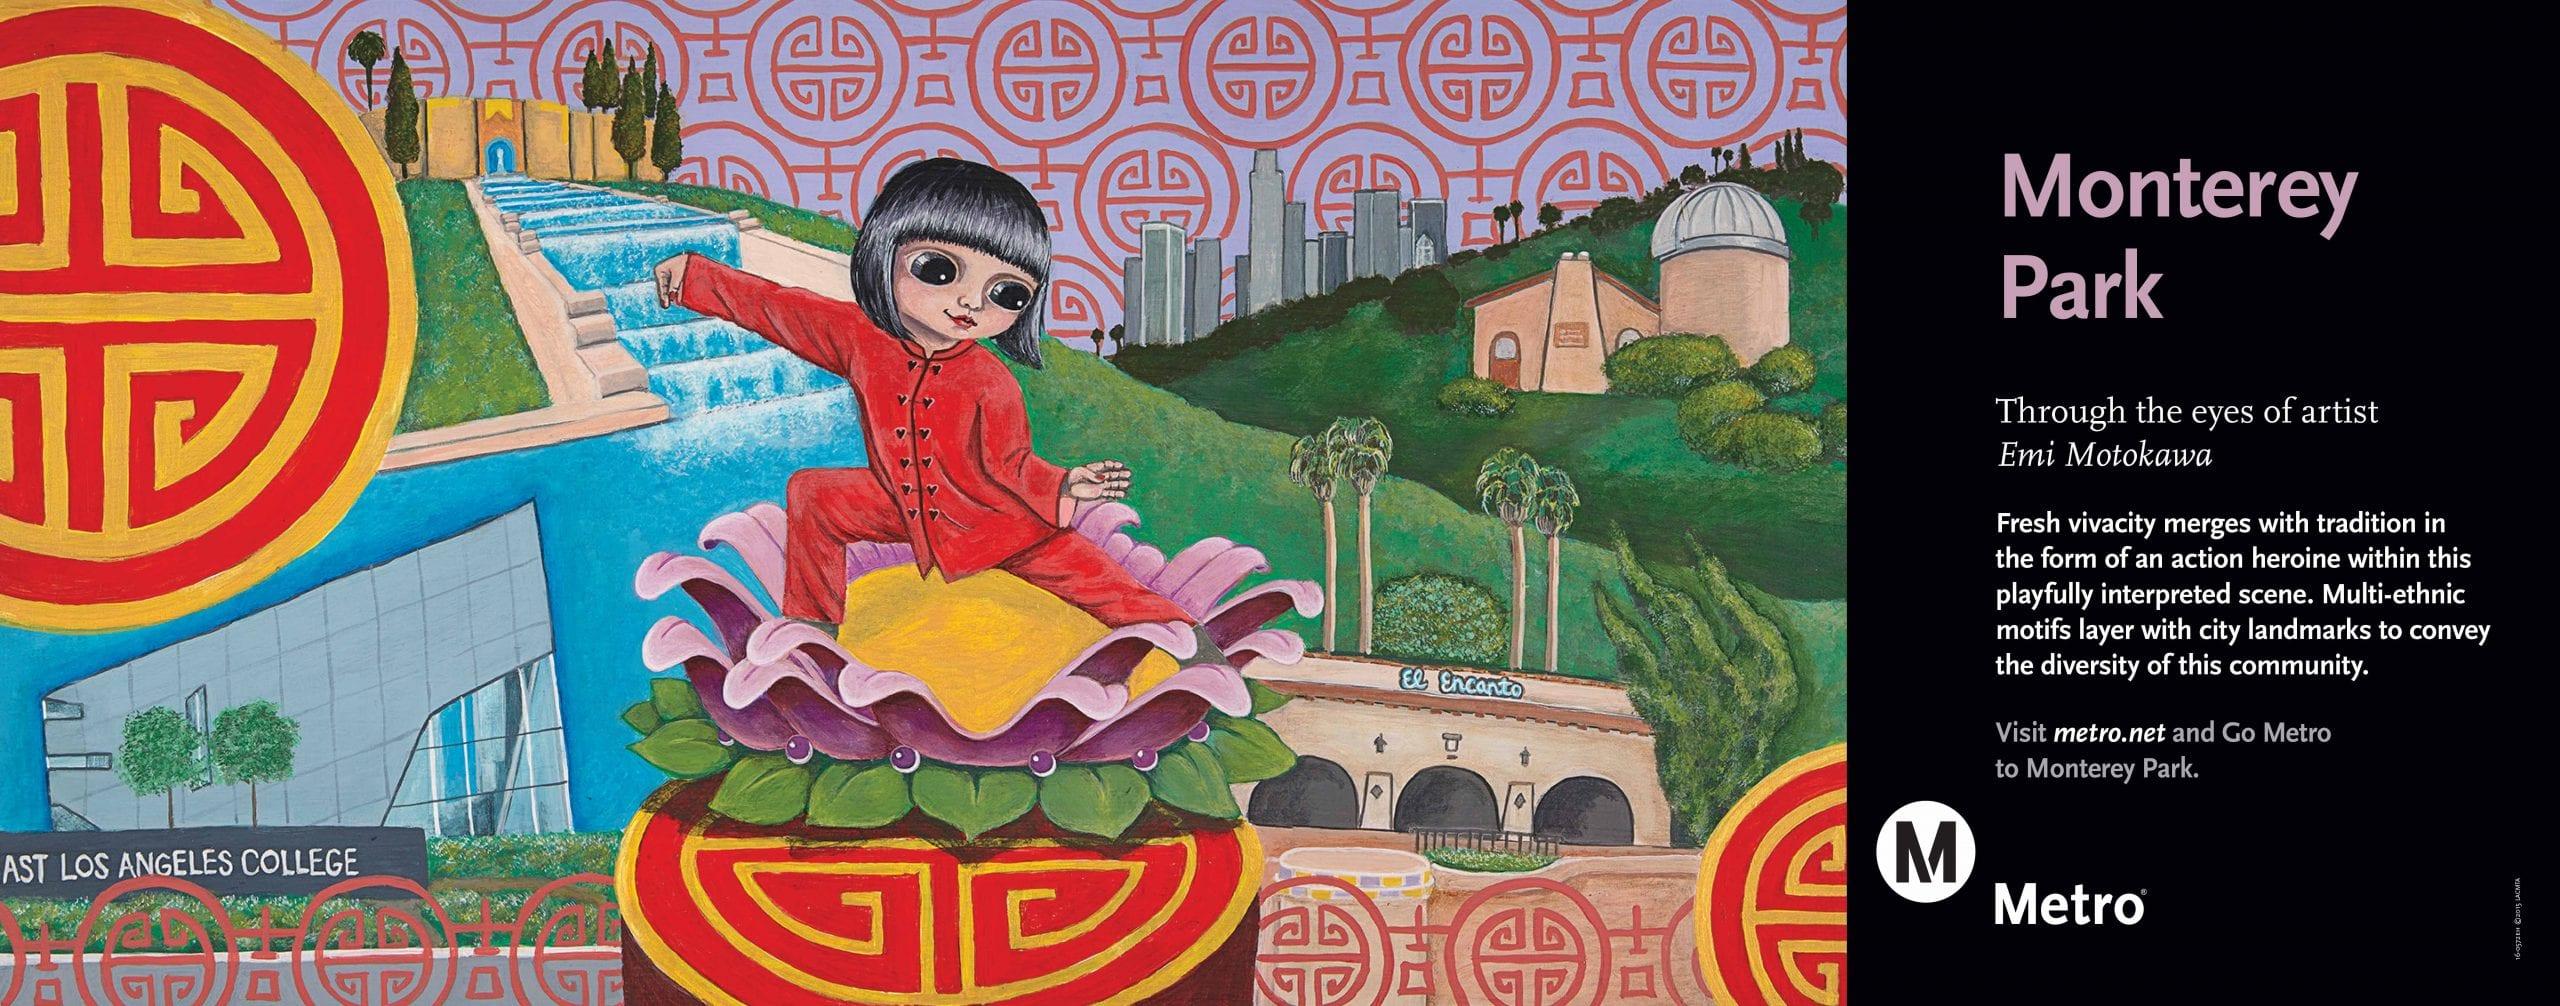 Monterey Park through the eyes of artist Emi Motokawa